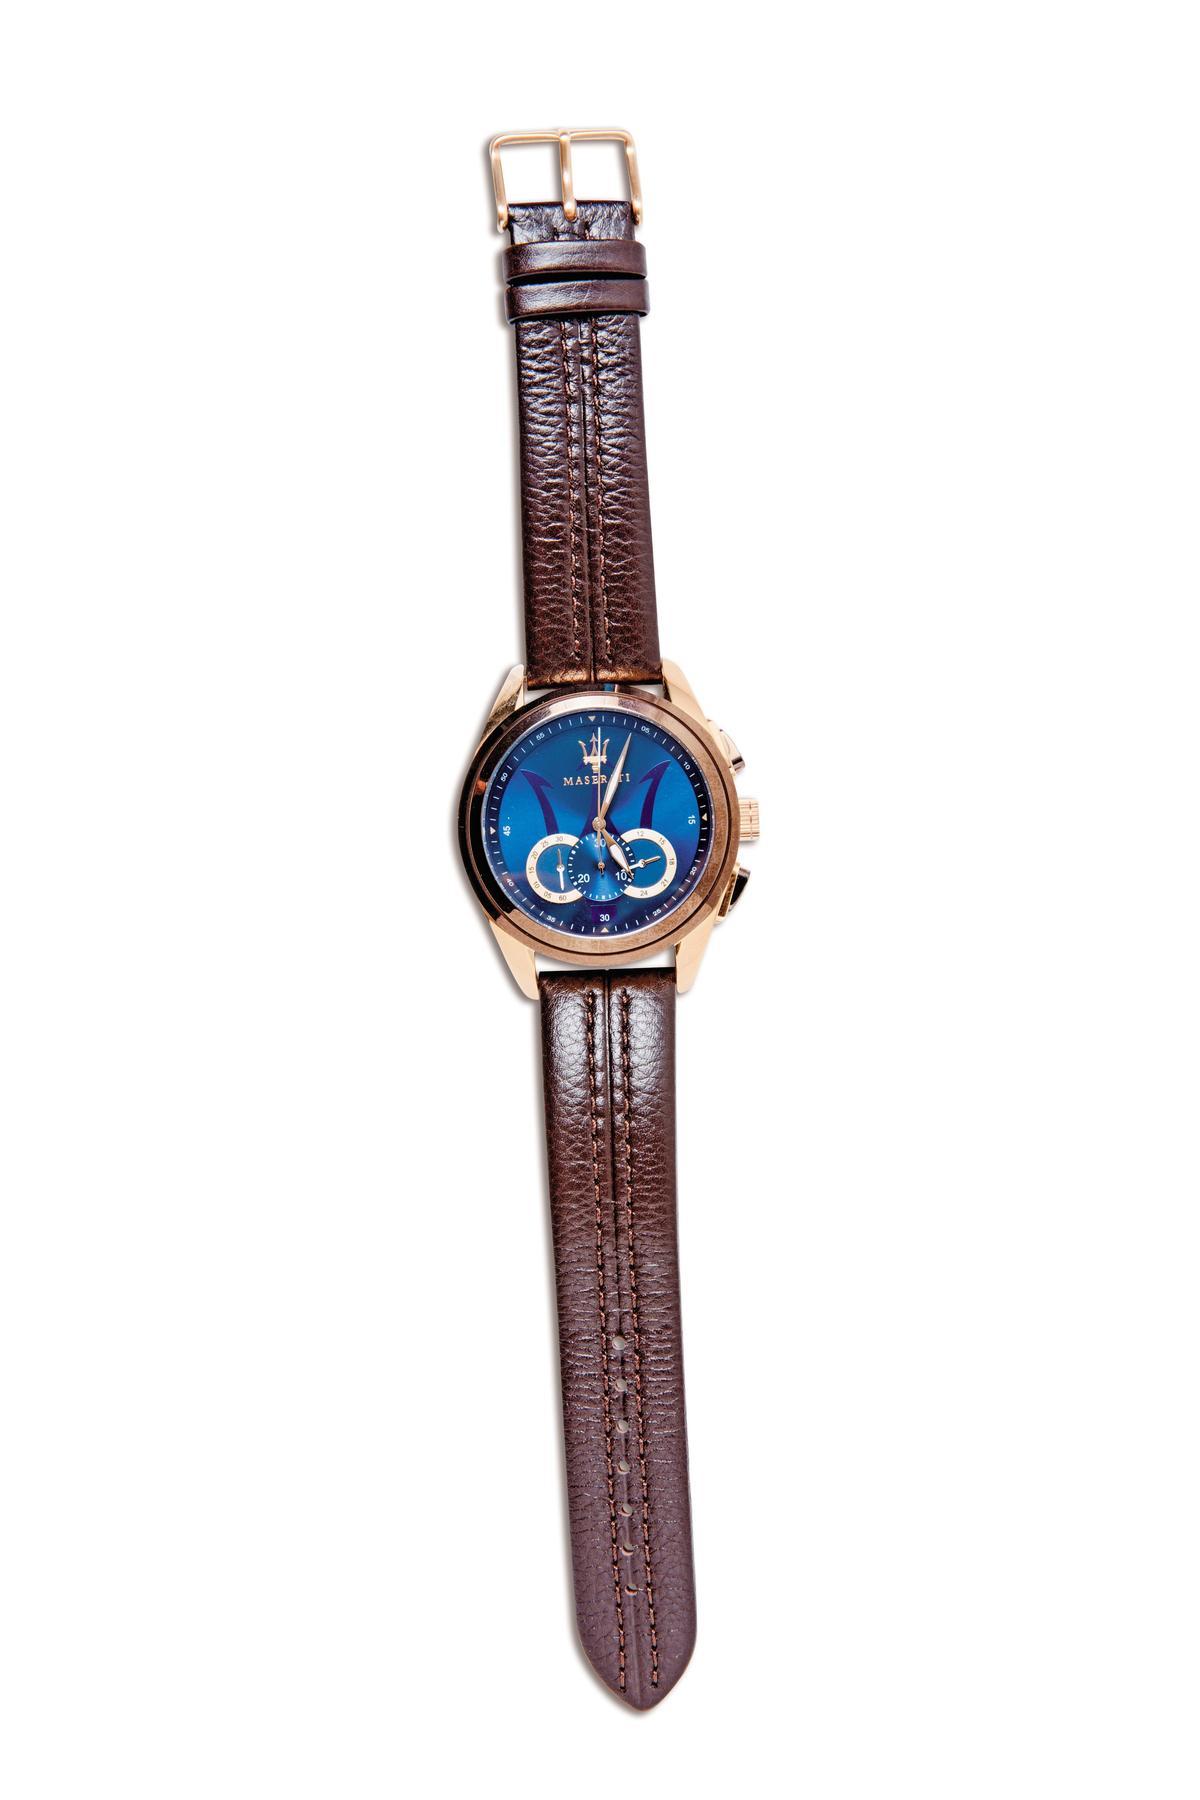 MASERATI手錶,粉絲贈送的禮物。